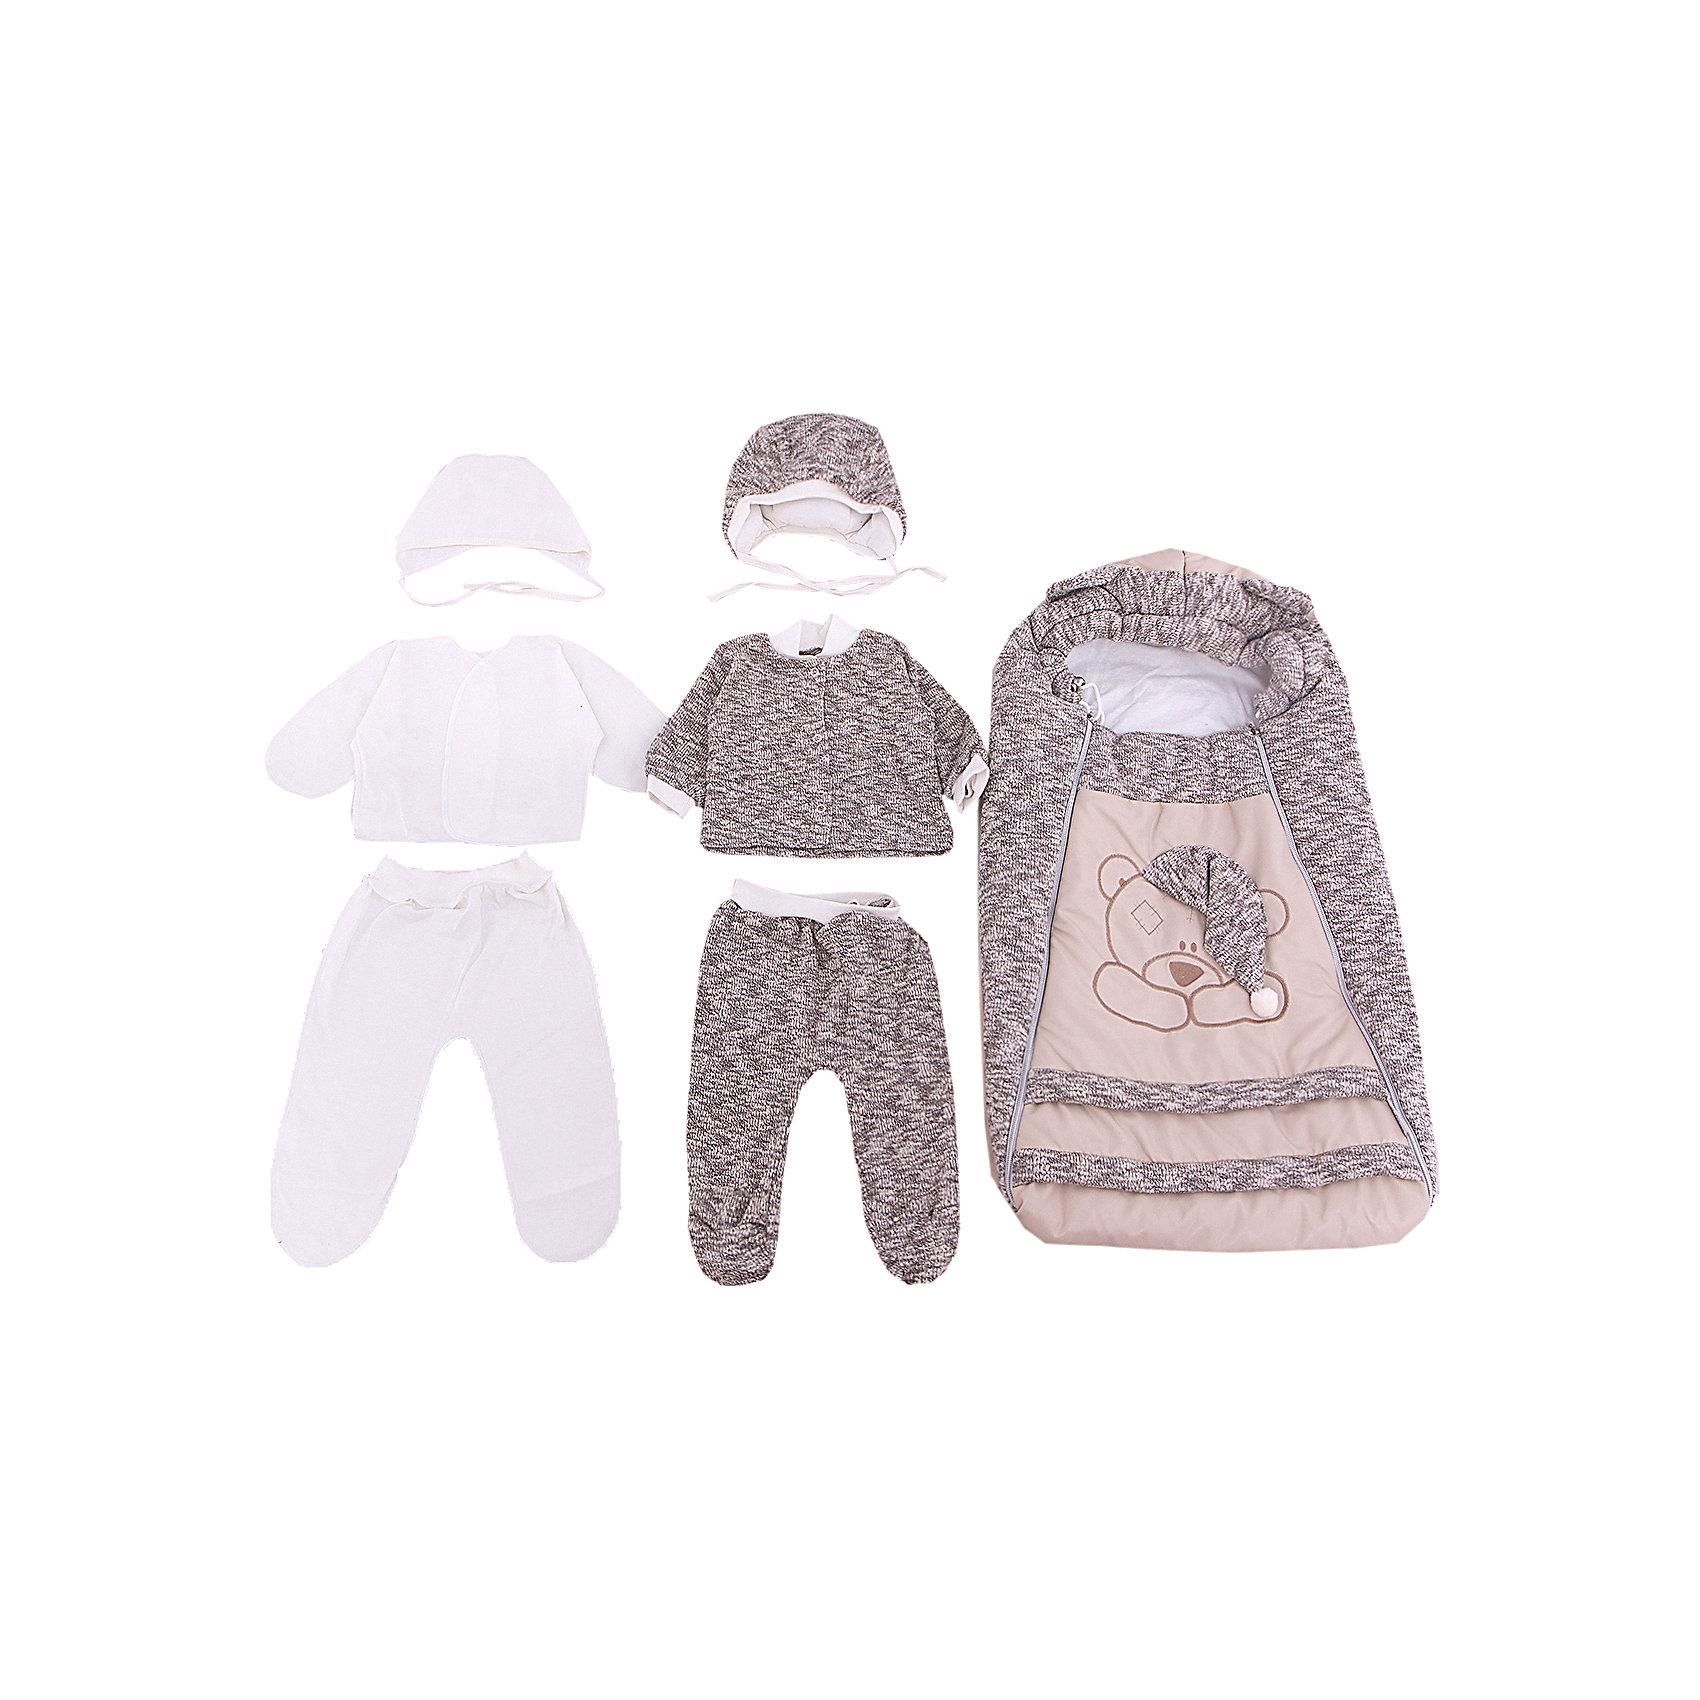 Комплект на выписку 8 пред., GulSara, 85 весна-осень Мишка вязанкаКонверты на выписку<br>Характеристики:<br><br>• Вид детского текстиля: комплект на выписку<br>• Предназначение: на выписку, для прогулки<br>• Сезон: весна, осень<br>• Утеплитель: средняя степень<br>• Температурный режим: от -10? С до +20? С<br>• Пол: универсальный<br>• Тематика рисунка: медвежонок<br>• Материал: велсофт, трикотаж<br>• Цвет: молочный, бежевый<br>• Комплектация:<br> конверт на 2-х молниях – 1 шт. 75*40 см<br> шапочка на синтепоне – 1 шт. р-р 56-36<br> одеяло утепленное – 1 шт. р-р 95*100 см<br> кофточка из вязаного трикотажа – 1 шт. р-р 56-36<br> ползунки из вязаного трикотажа – 1 шт. р-р 56-36<br> ползунки – 1 шт. р-р 56-36<br> распашонка – 1 шт. р-р 56-36<br> чепчик – 1 шт. р-р 56-36<br>• Особенности ухода: машинная стирка при температуре 30 градусов без использования отбеливающих и красящих веществ<br><br>Комплект на выписку 8 пред., GulSara, 85 весна-осень Мишка вязанка от отечественного швейного производства, который выпускает современный текстиль и товары для новорожденных, изготовленных на основе вековых традиций. В своем производстве GulSara использует только экологичные и натуральные материалы, что обеспечивает их безопасность даже для малышей с чувствительной кожей. Набор предназначен для выписки в осенне-весенний период и состоит из утепленного конверта, шапочки и одеяла на синтепоне. <br><br>В качестве наполнителя использован синтепон – легкий, но при этом гипоаллергенный материал. Для промежуточного слоя одежды в наборе предусмотрены кофточка и ползунки, выполненные из вязаного трикотажного полотна. Комплект нижней одежды состоит из ползунков, распашонки и чепчика, изготовленных из натурального хлопка. Передняя полочка конверта оформлена аппликацией в виде медвежонка с забавным колпаком, а капюшон – декоративными ушками. Комплект на выписку 8 пред., GulSara, 85 весна-осень Мишка вязанка создаст изысканный и неповторимый образ вашего малыша!<br><br>Комплект на выписку 8 пред